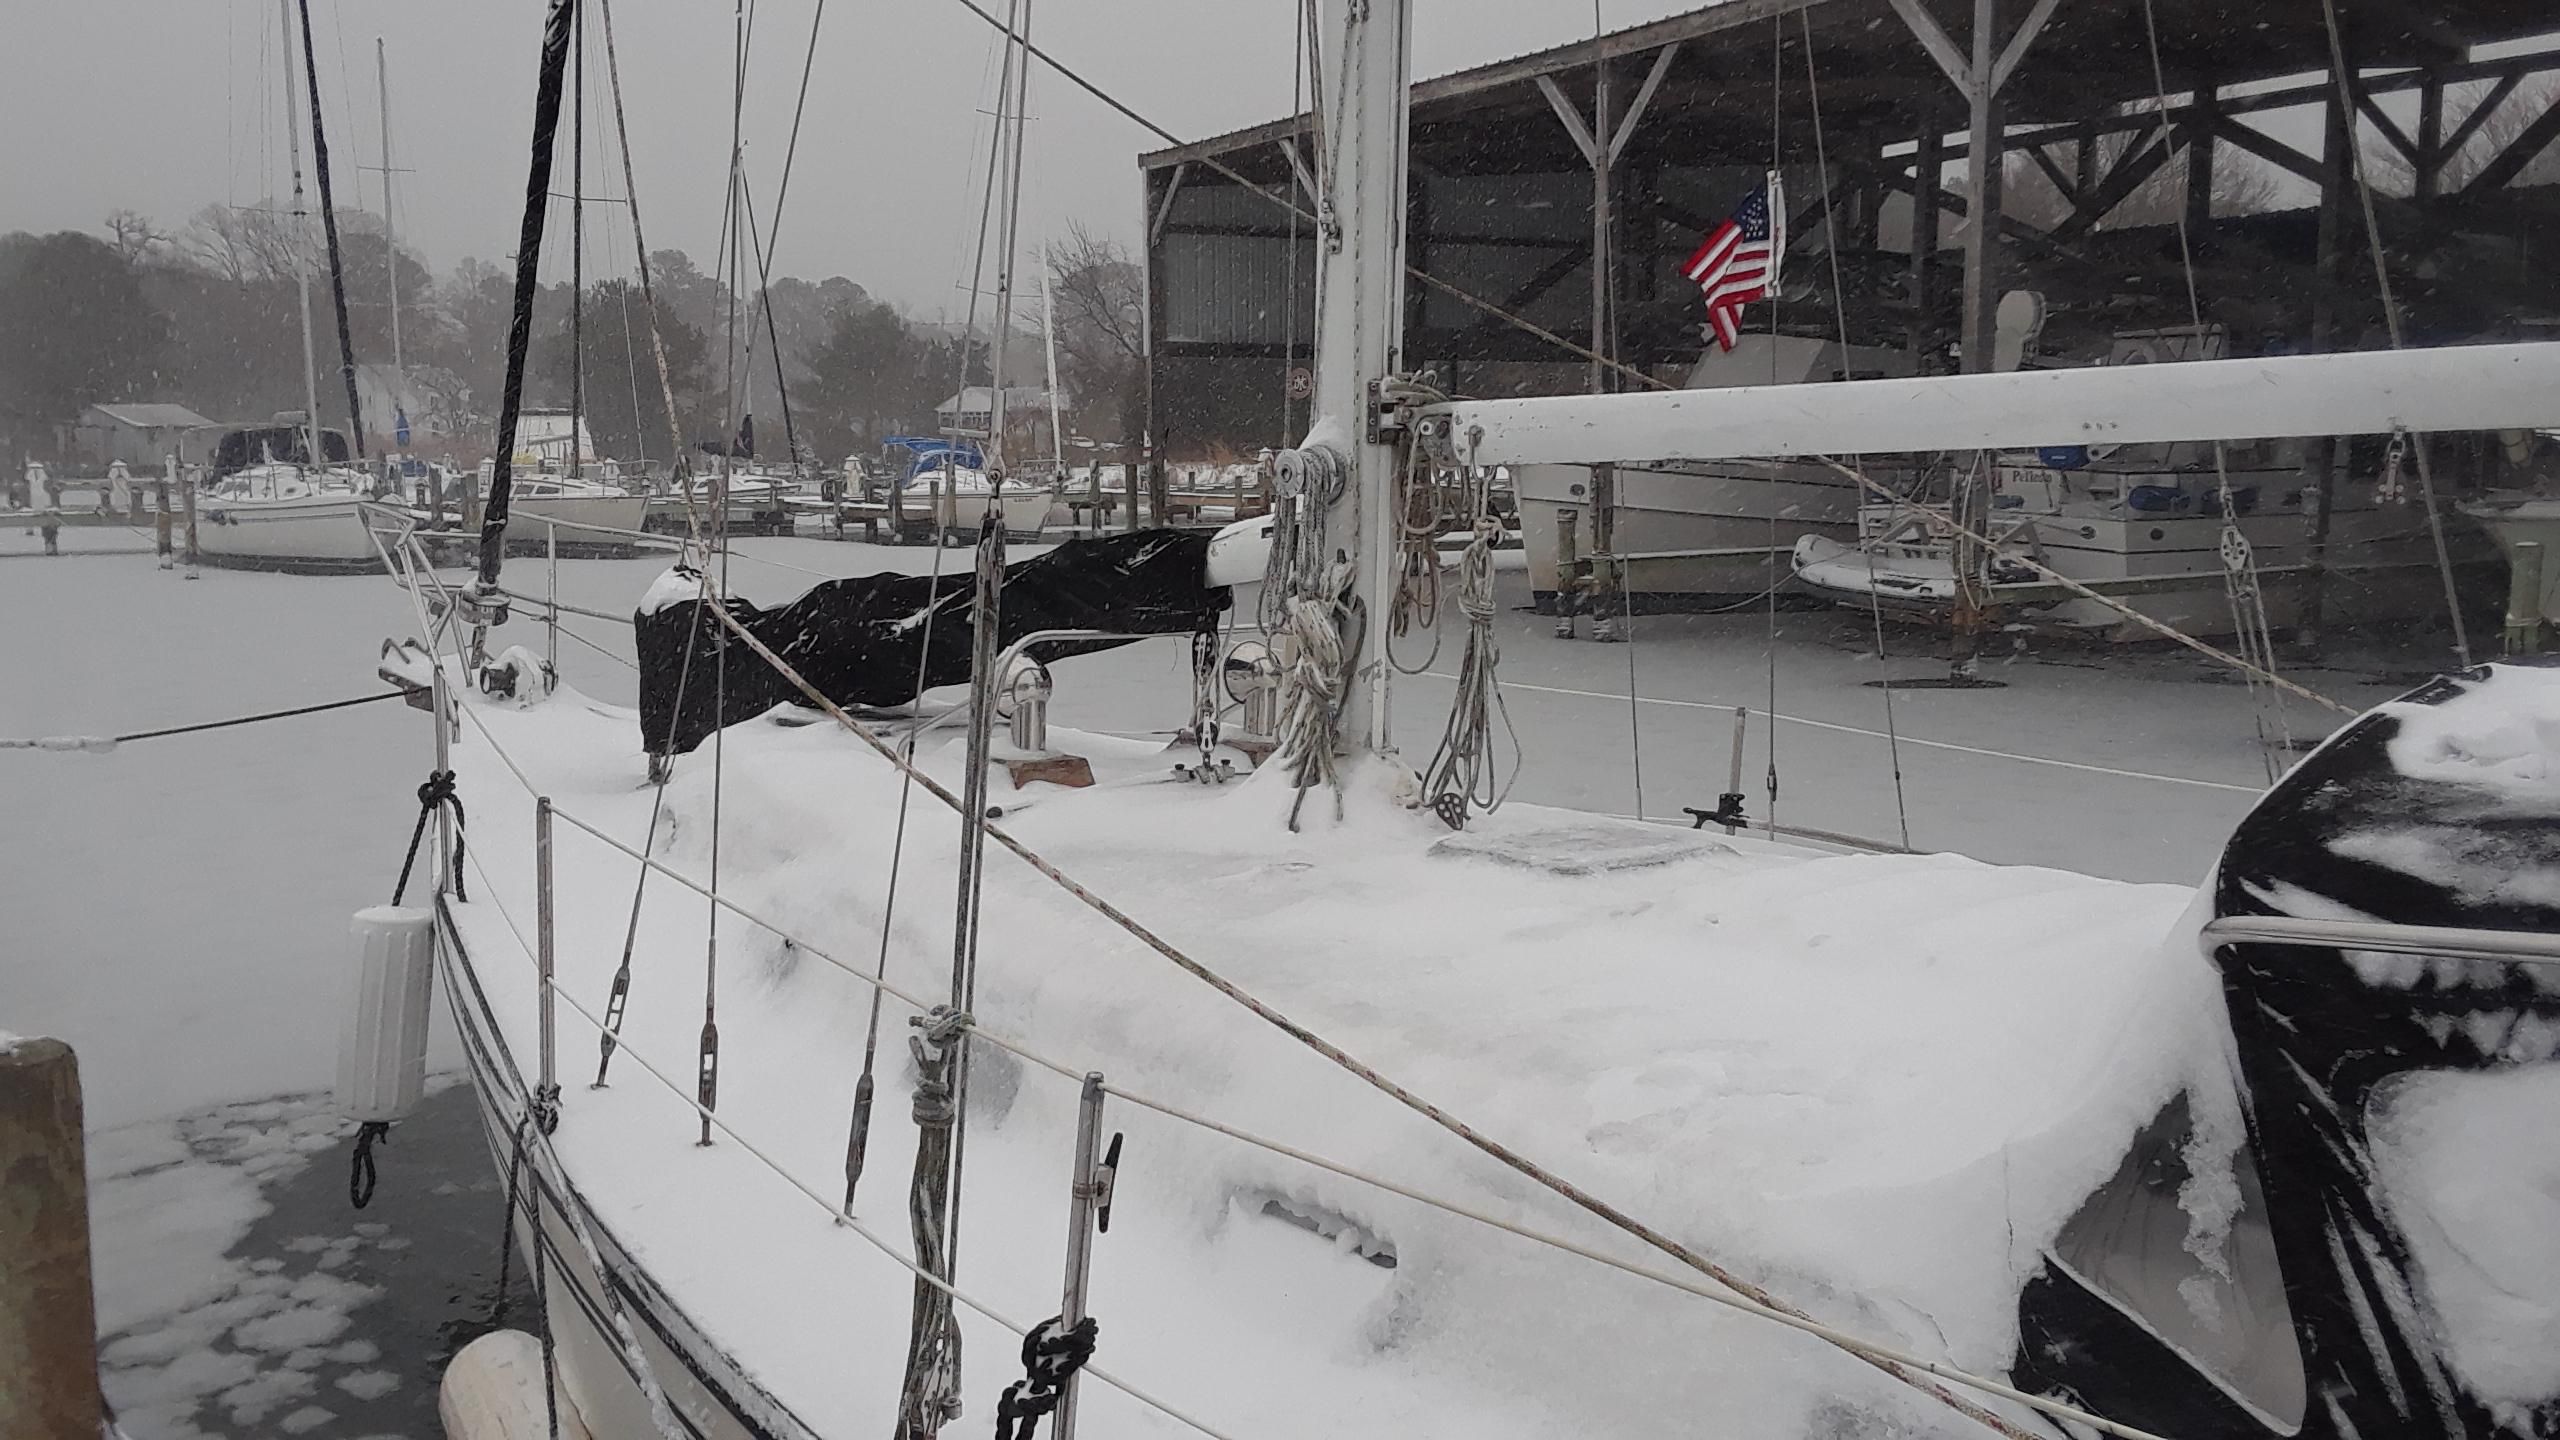 Ice At Deitaville